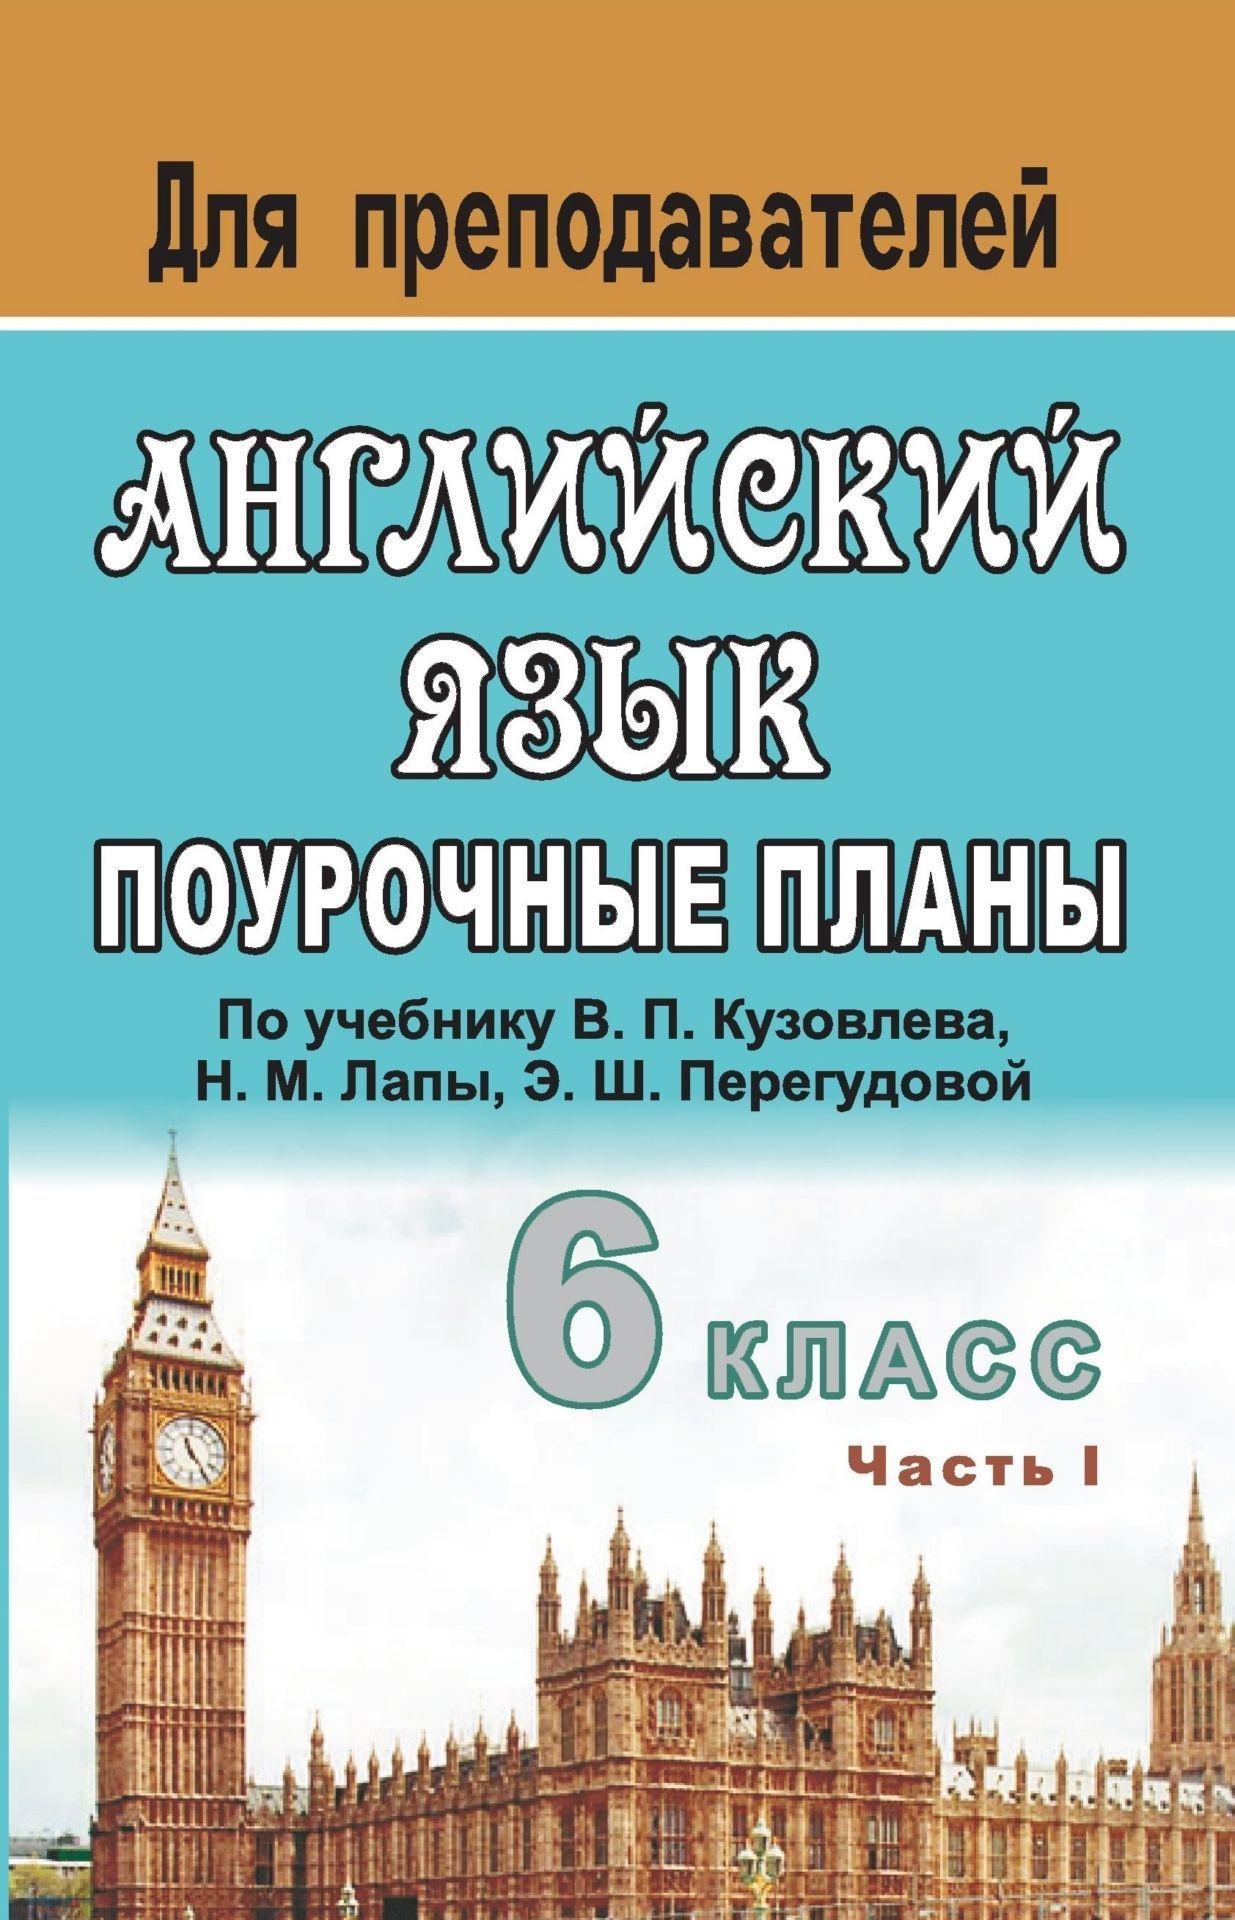 Английский язык. 6 класс: поурочные планы по учебнику В. П. Кузовлева и др. English - 6. Часть I